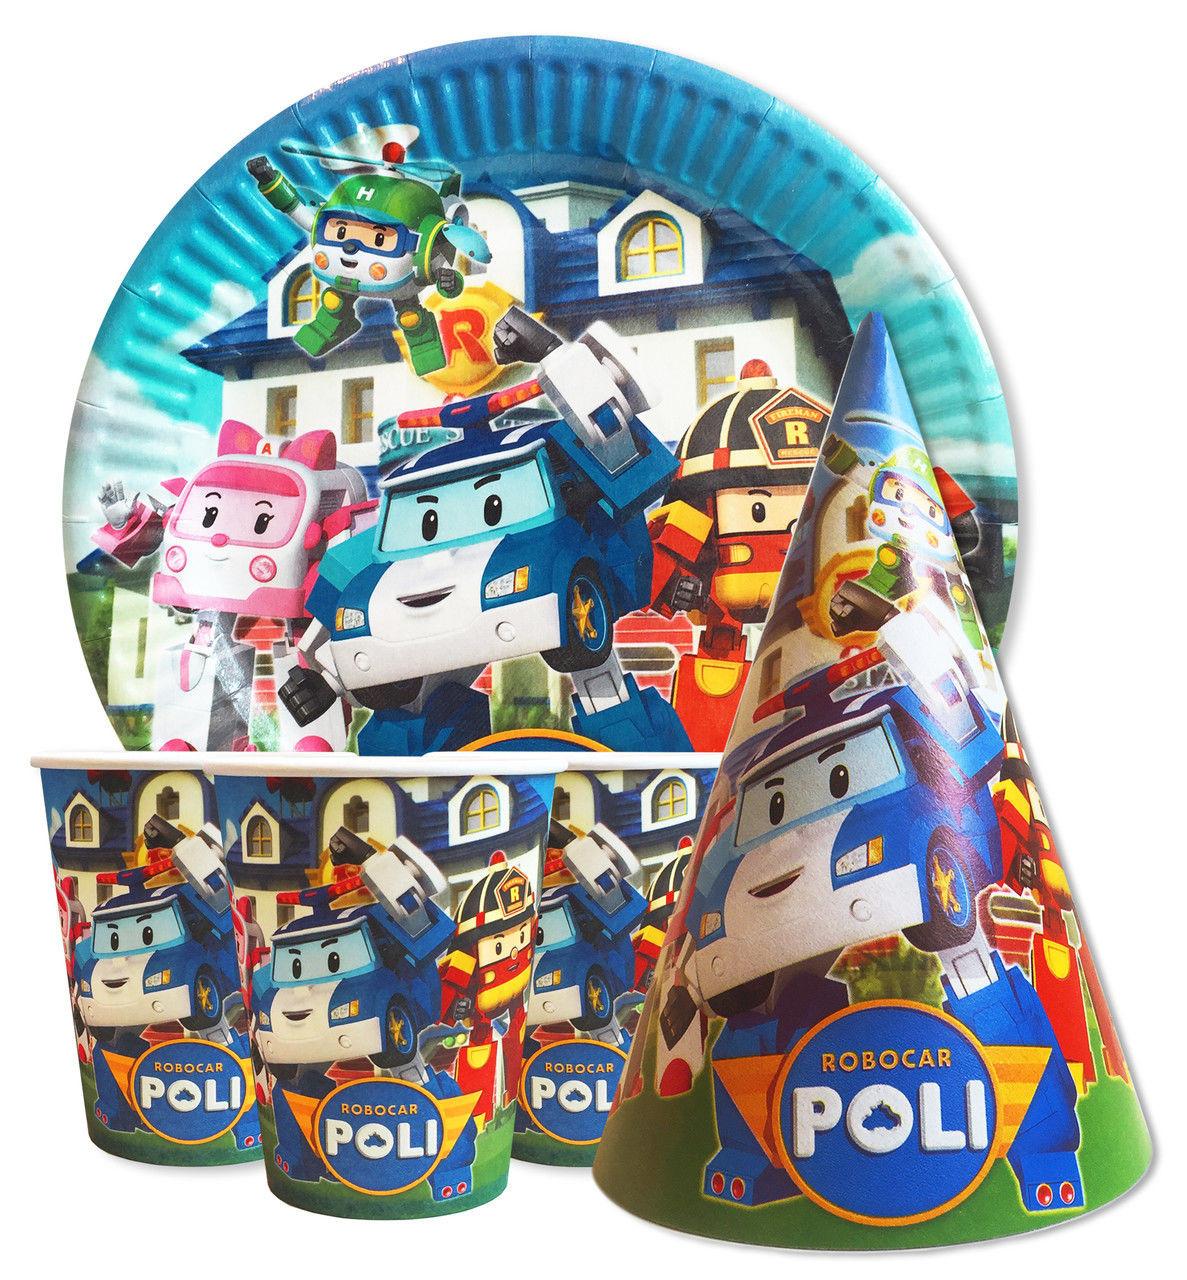 """Набір для дитячого дня народження """"Полі Робокар"""". Тарілки, стаканчики і ковпачки по 10шт."""